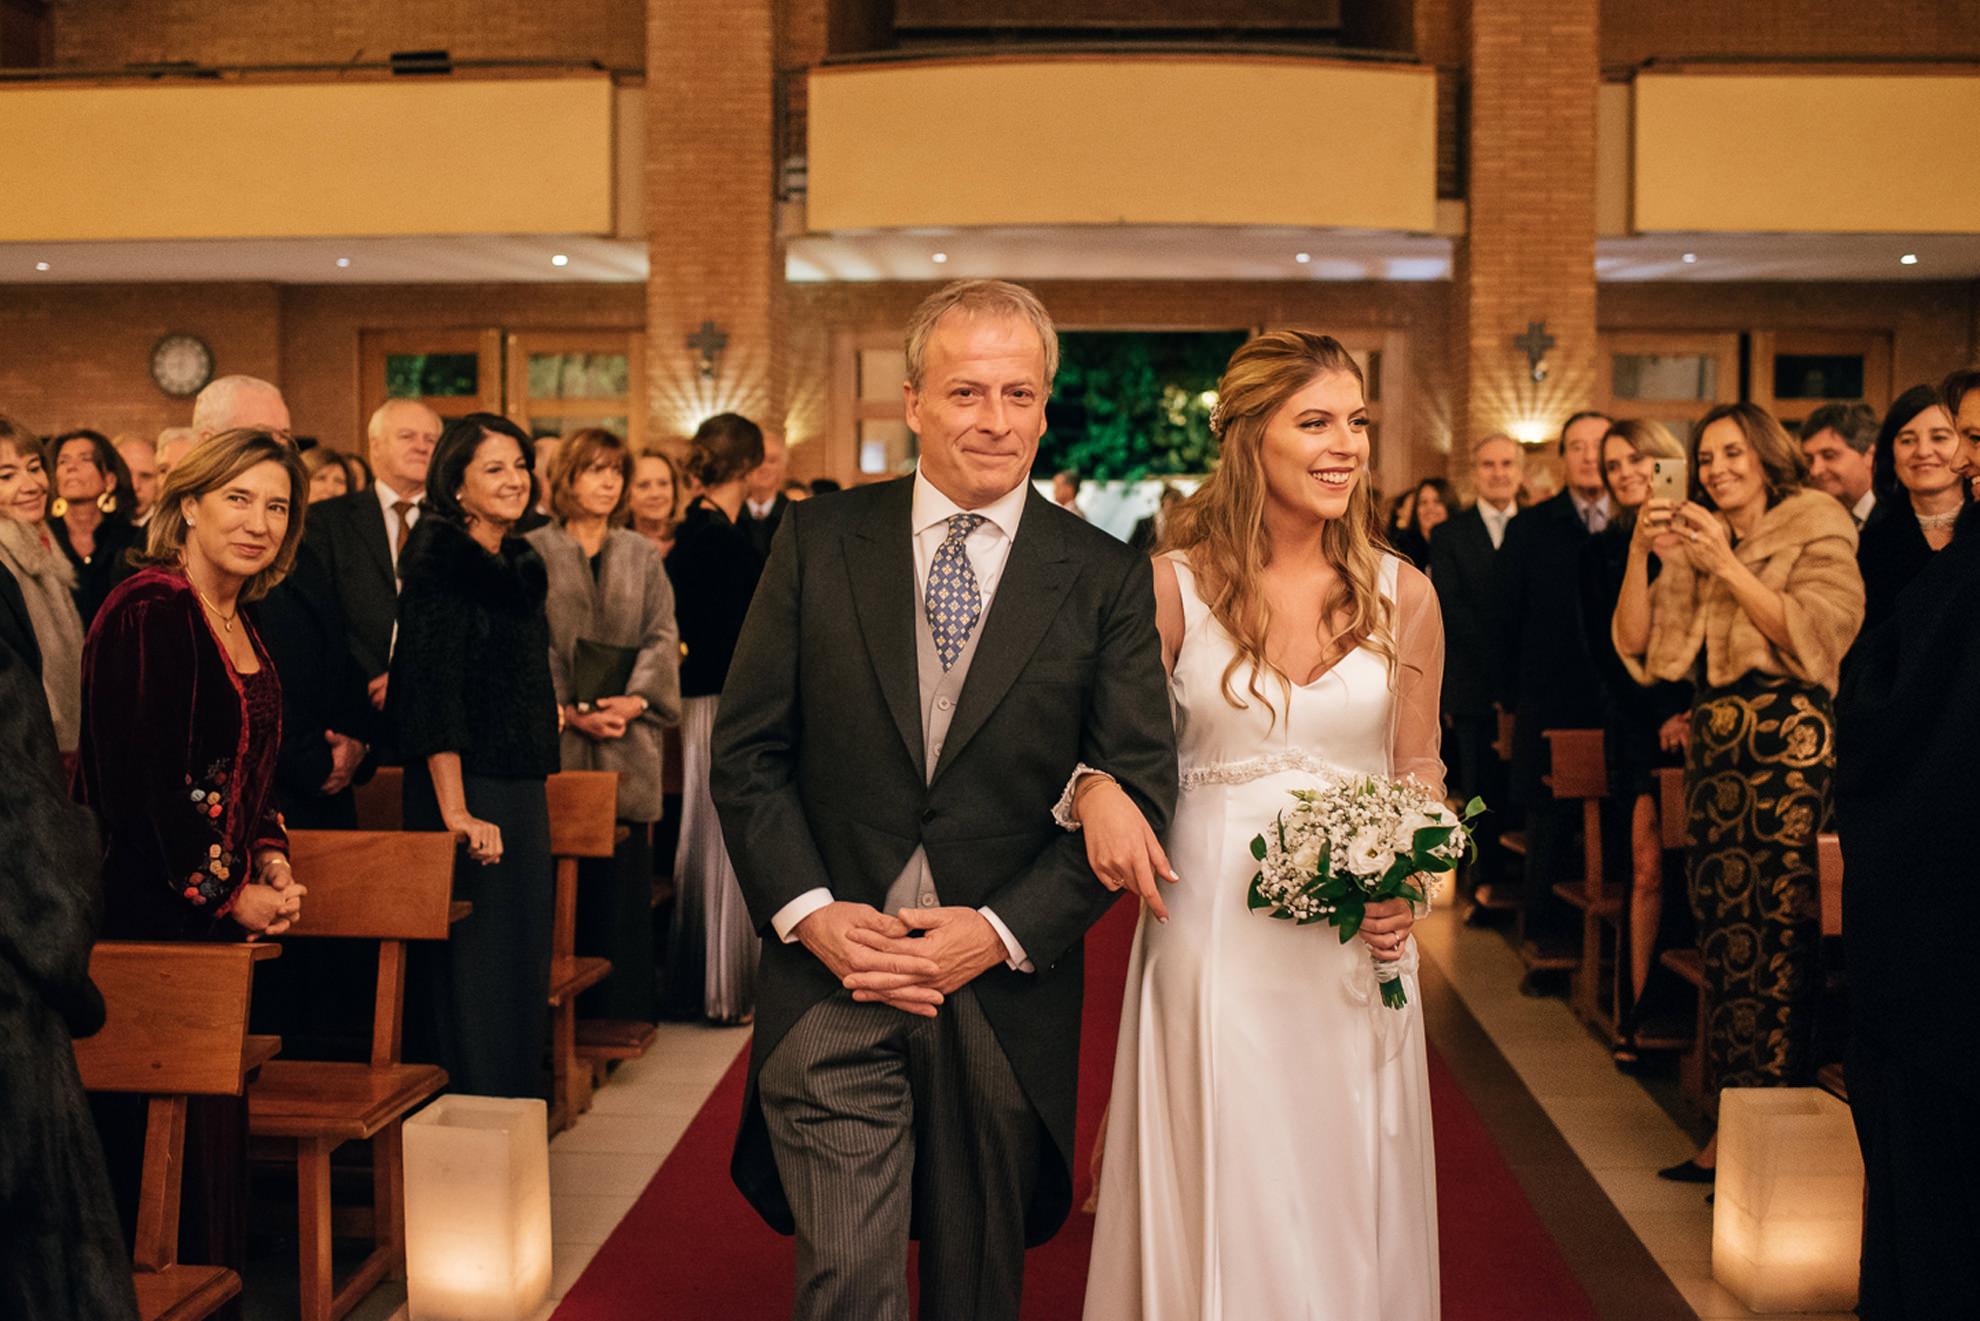 matrimonio viña santa carolina - 11.jpg